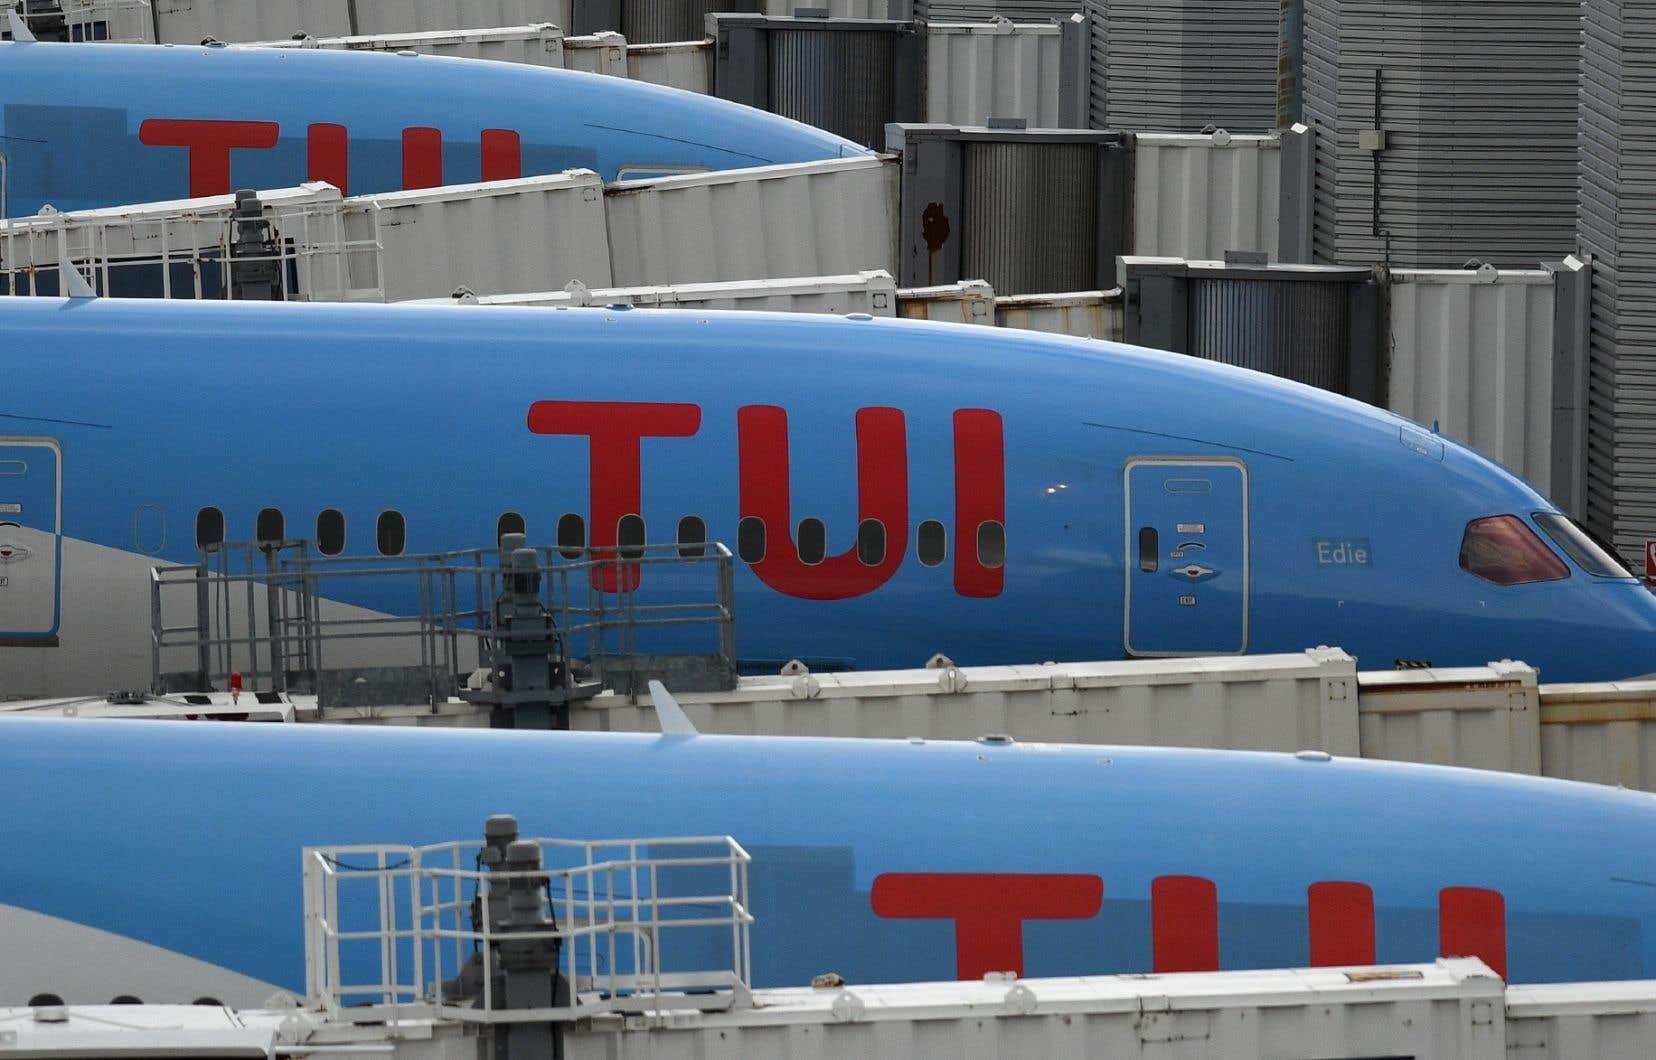 TUI a mis ses activités à l'arrêt jusqu'à la mi-juin, et mise sur une Europe sortant progressivement du confinement.